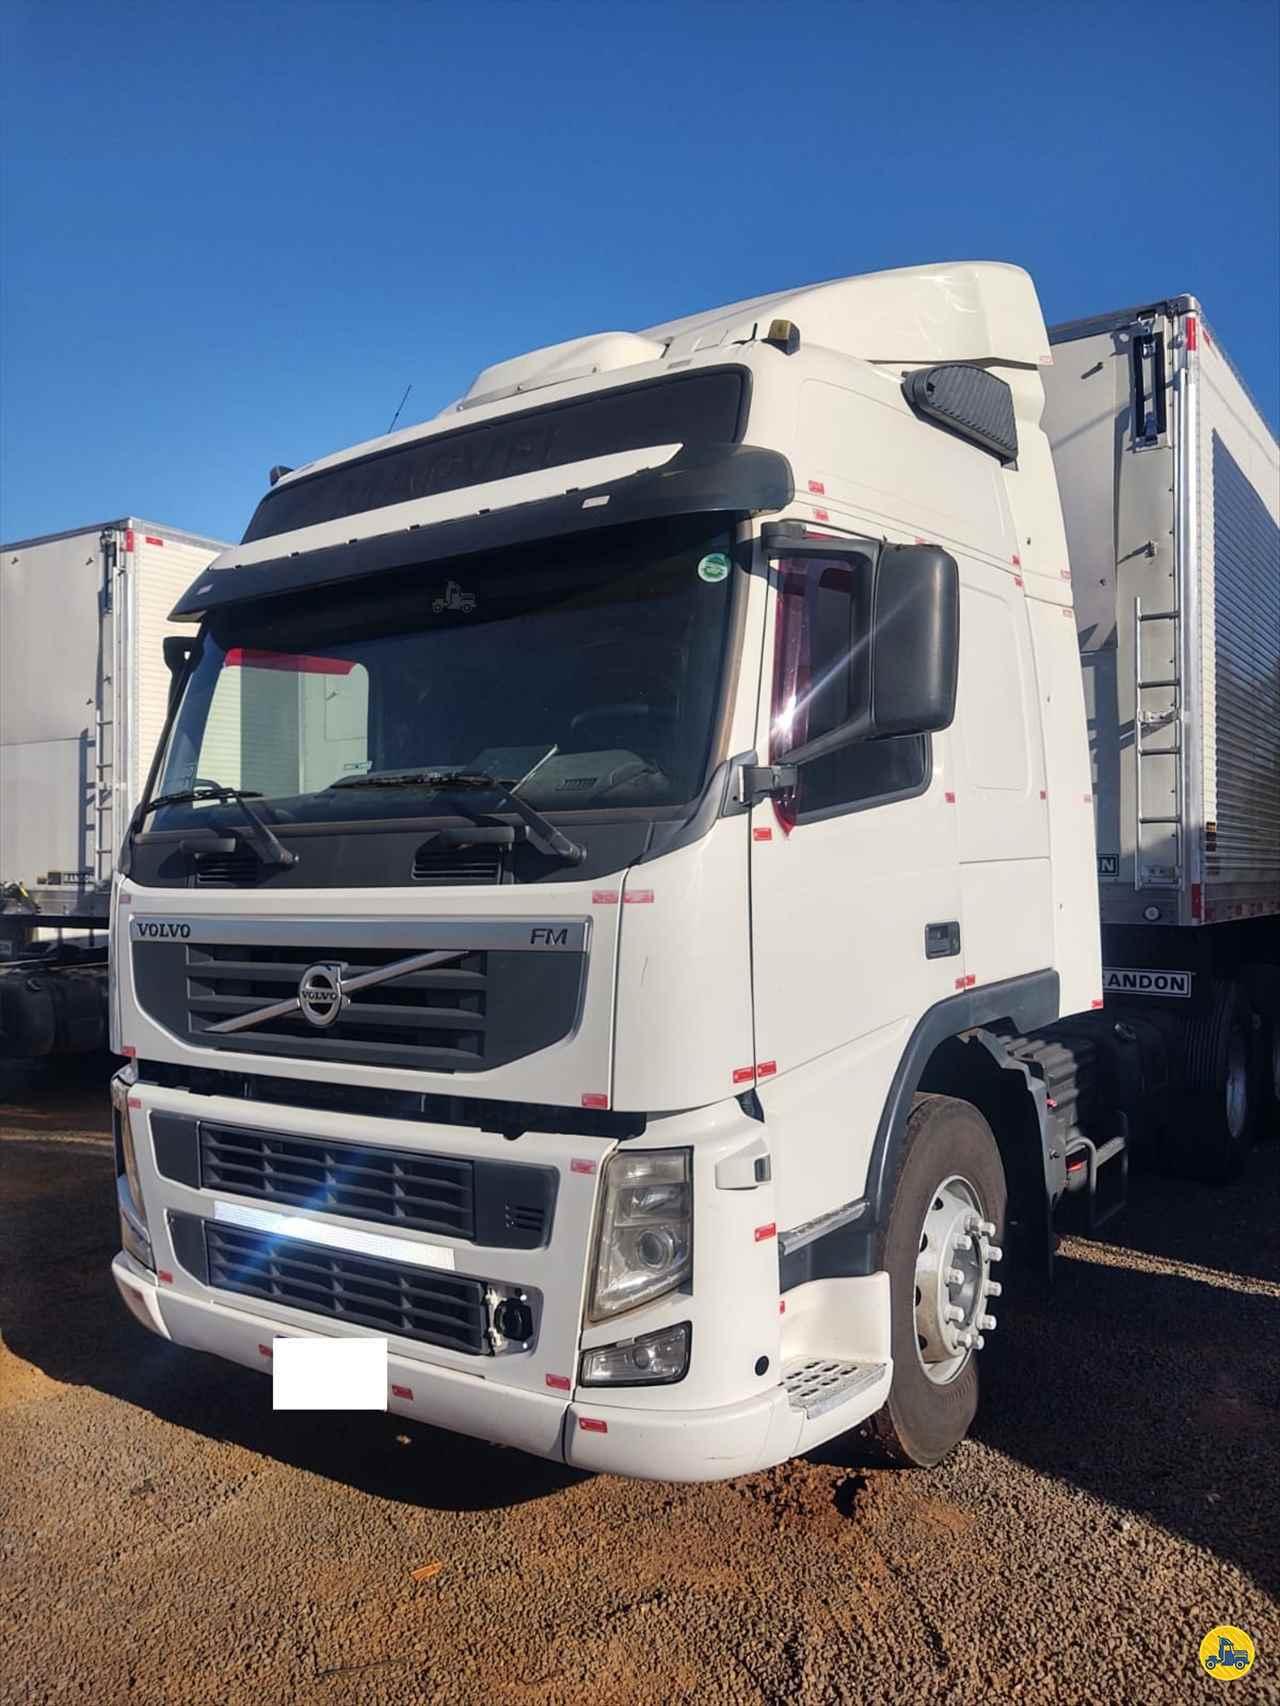 CAMINHAO VOLVO VOLVO FM 370 Cavalo Mecânico Truck 6x2 Transmap Caminhões SANTA ROSA RIO GRANDE DO SUL RS